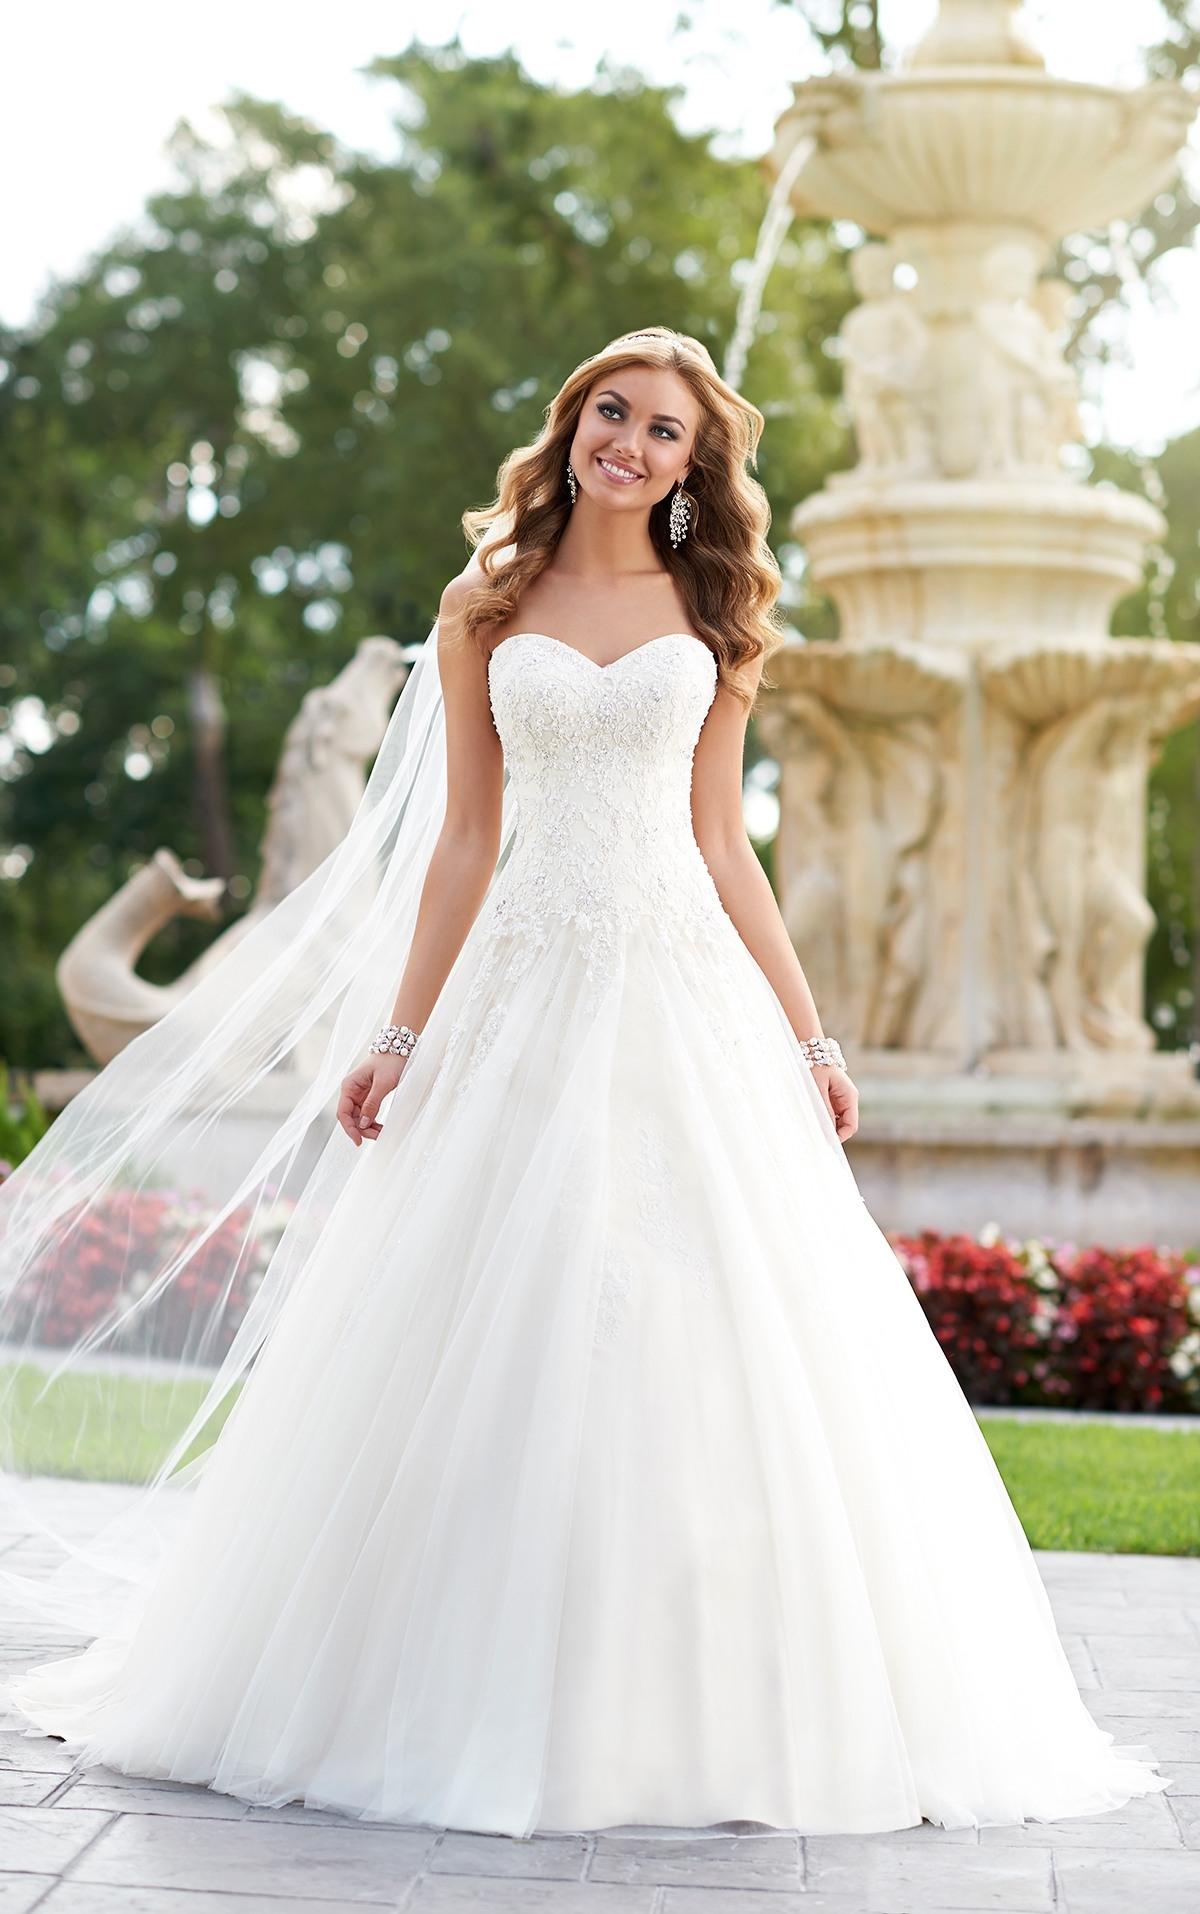 Abend Schon Schone Hochzeitskleider Boutique Abendkleid